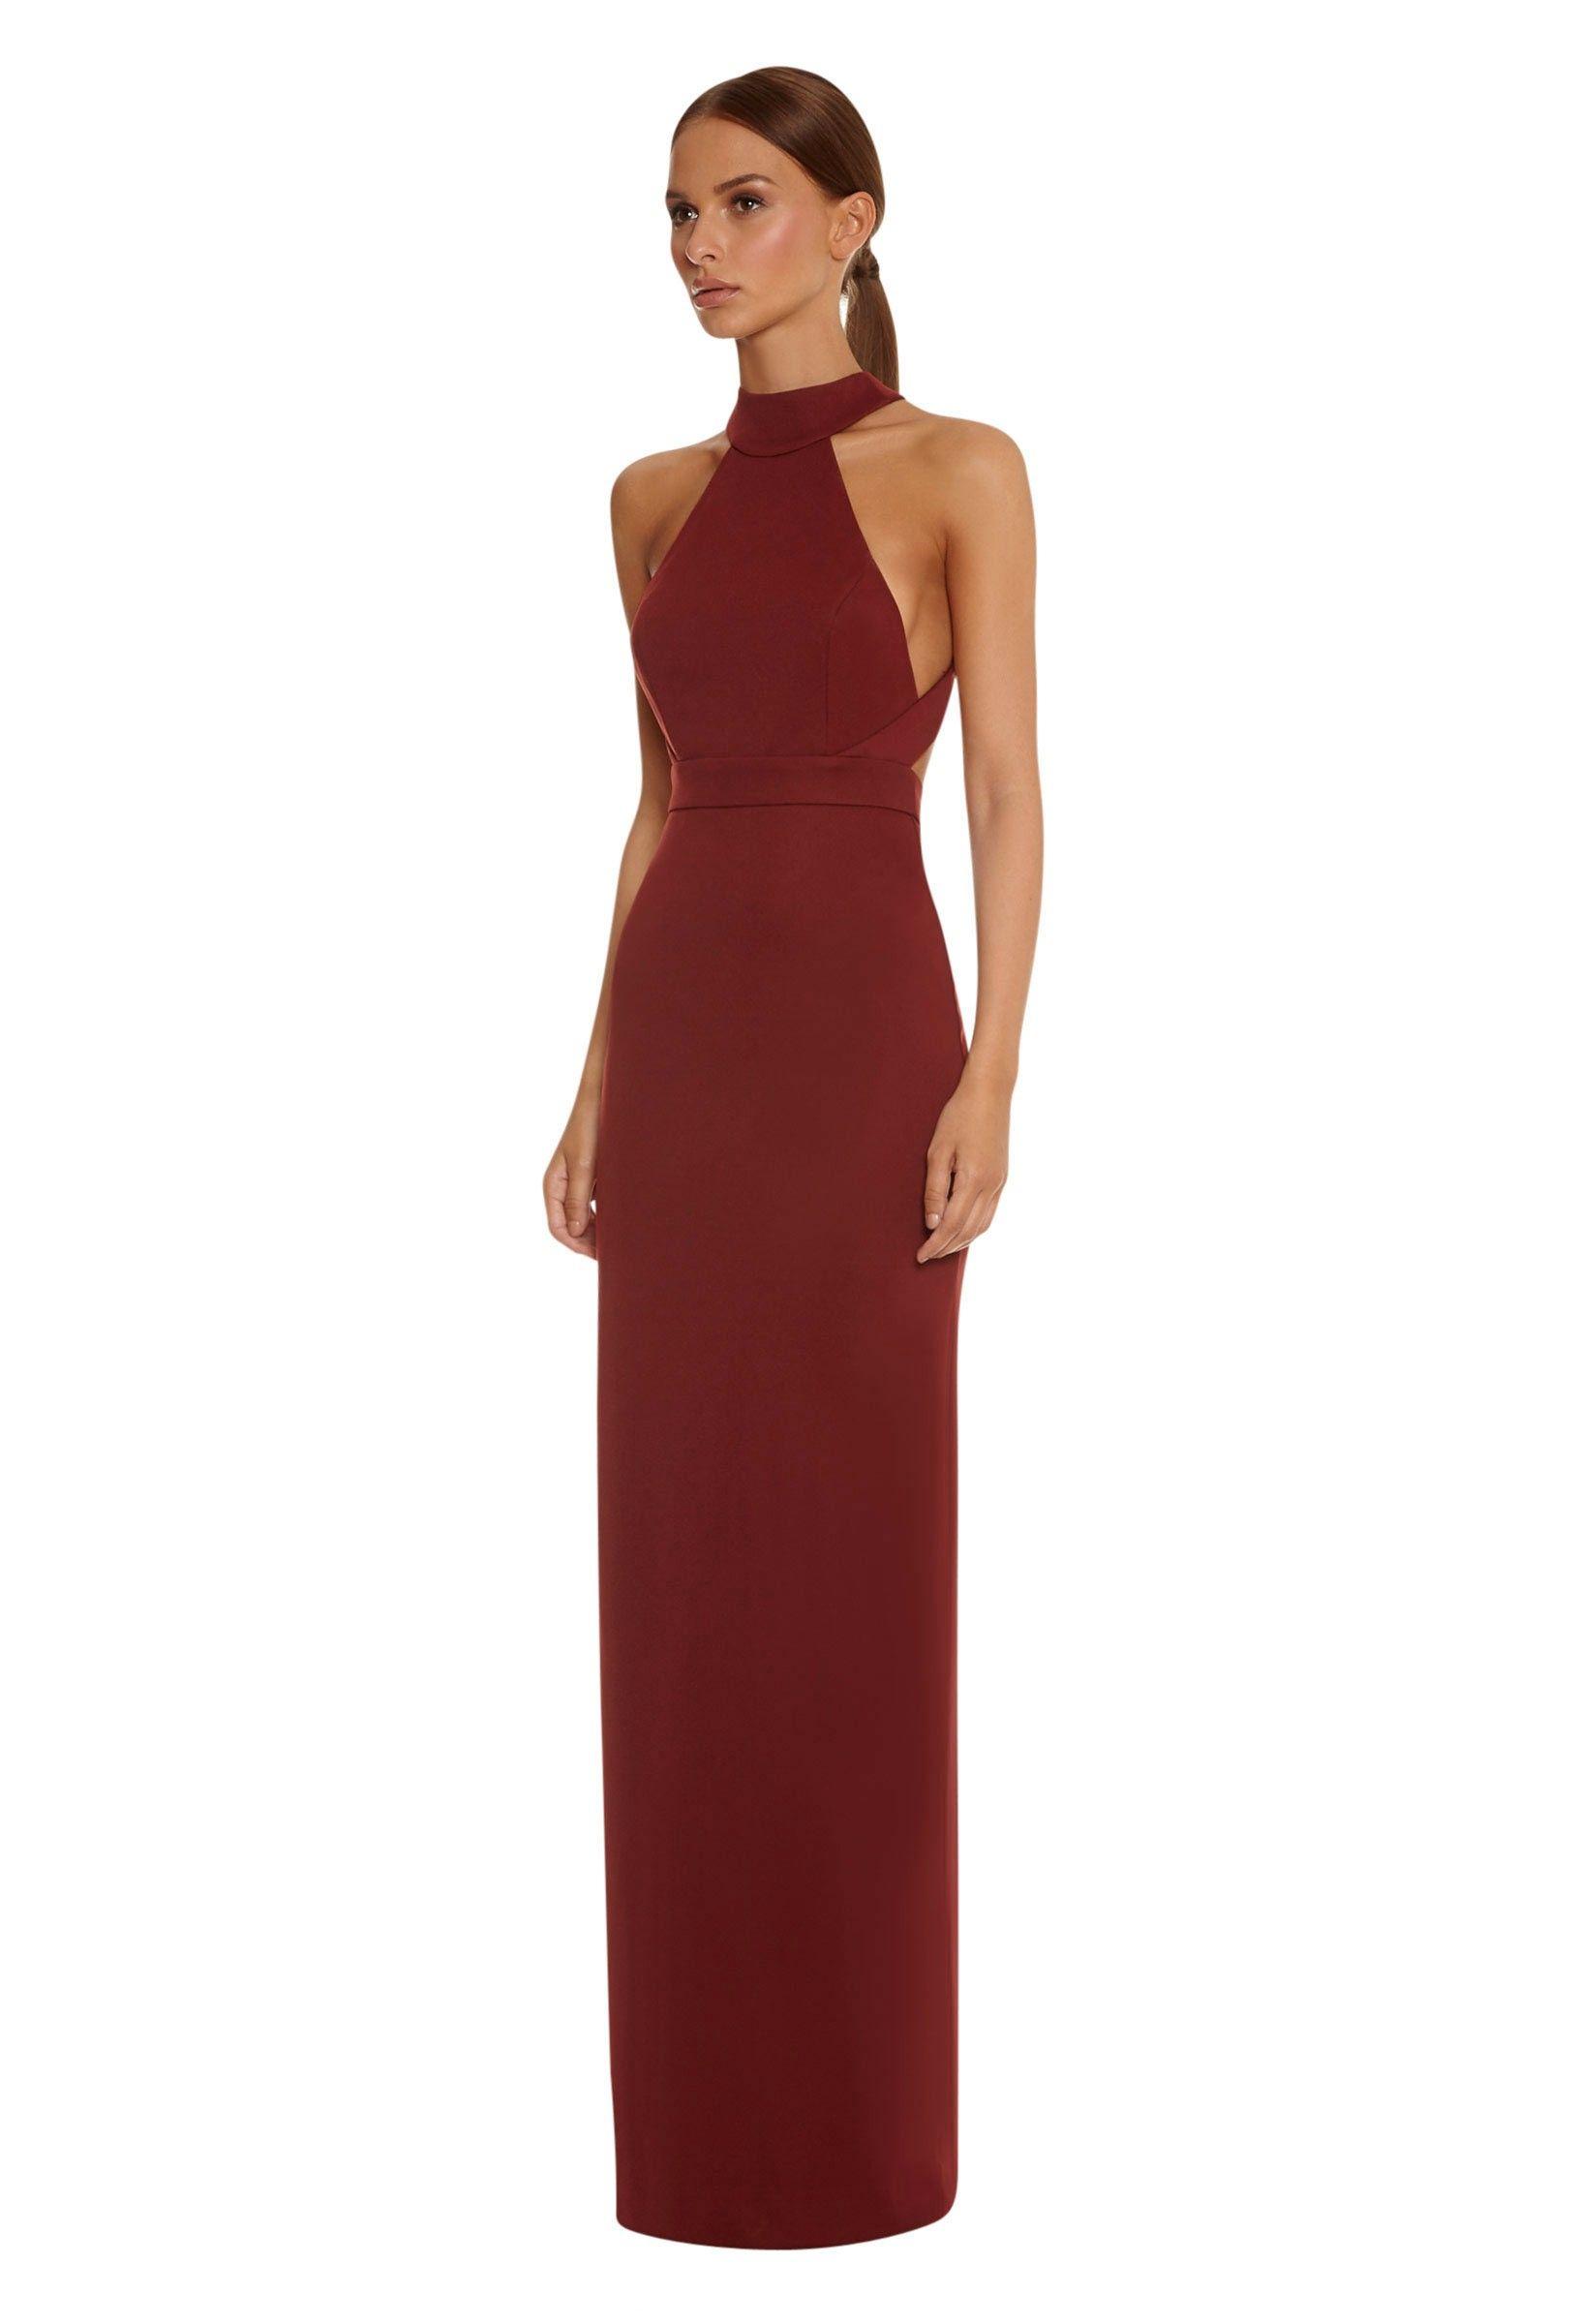 Image 3 of Izzo Halterneck Maxi Dress · Berry Rust · AQ/AQ | grad ...